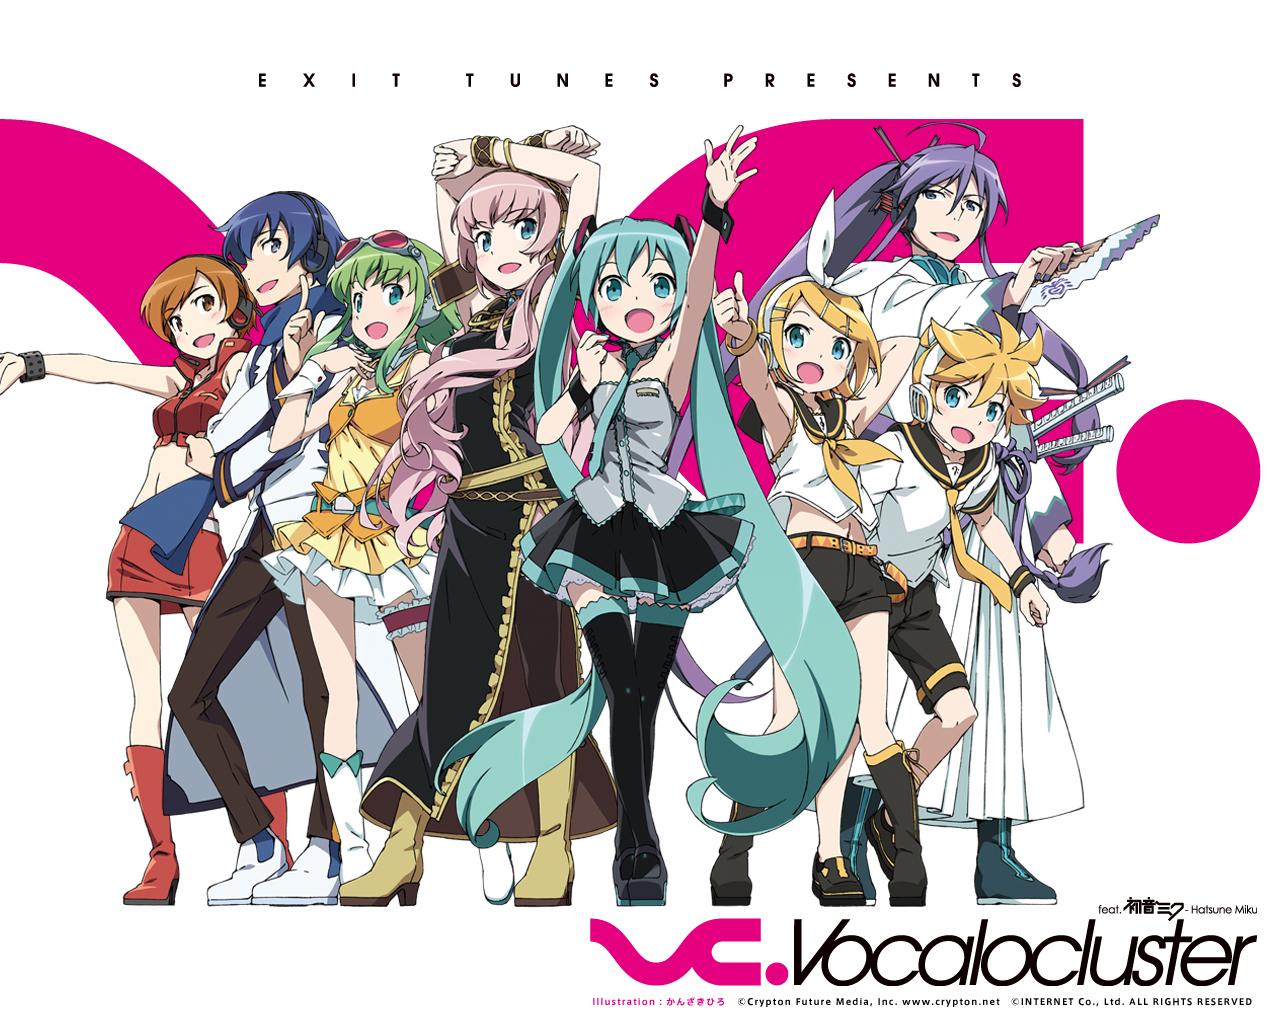 Favourite Vocaloid?